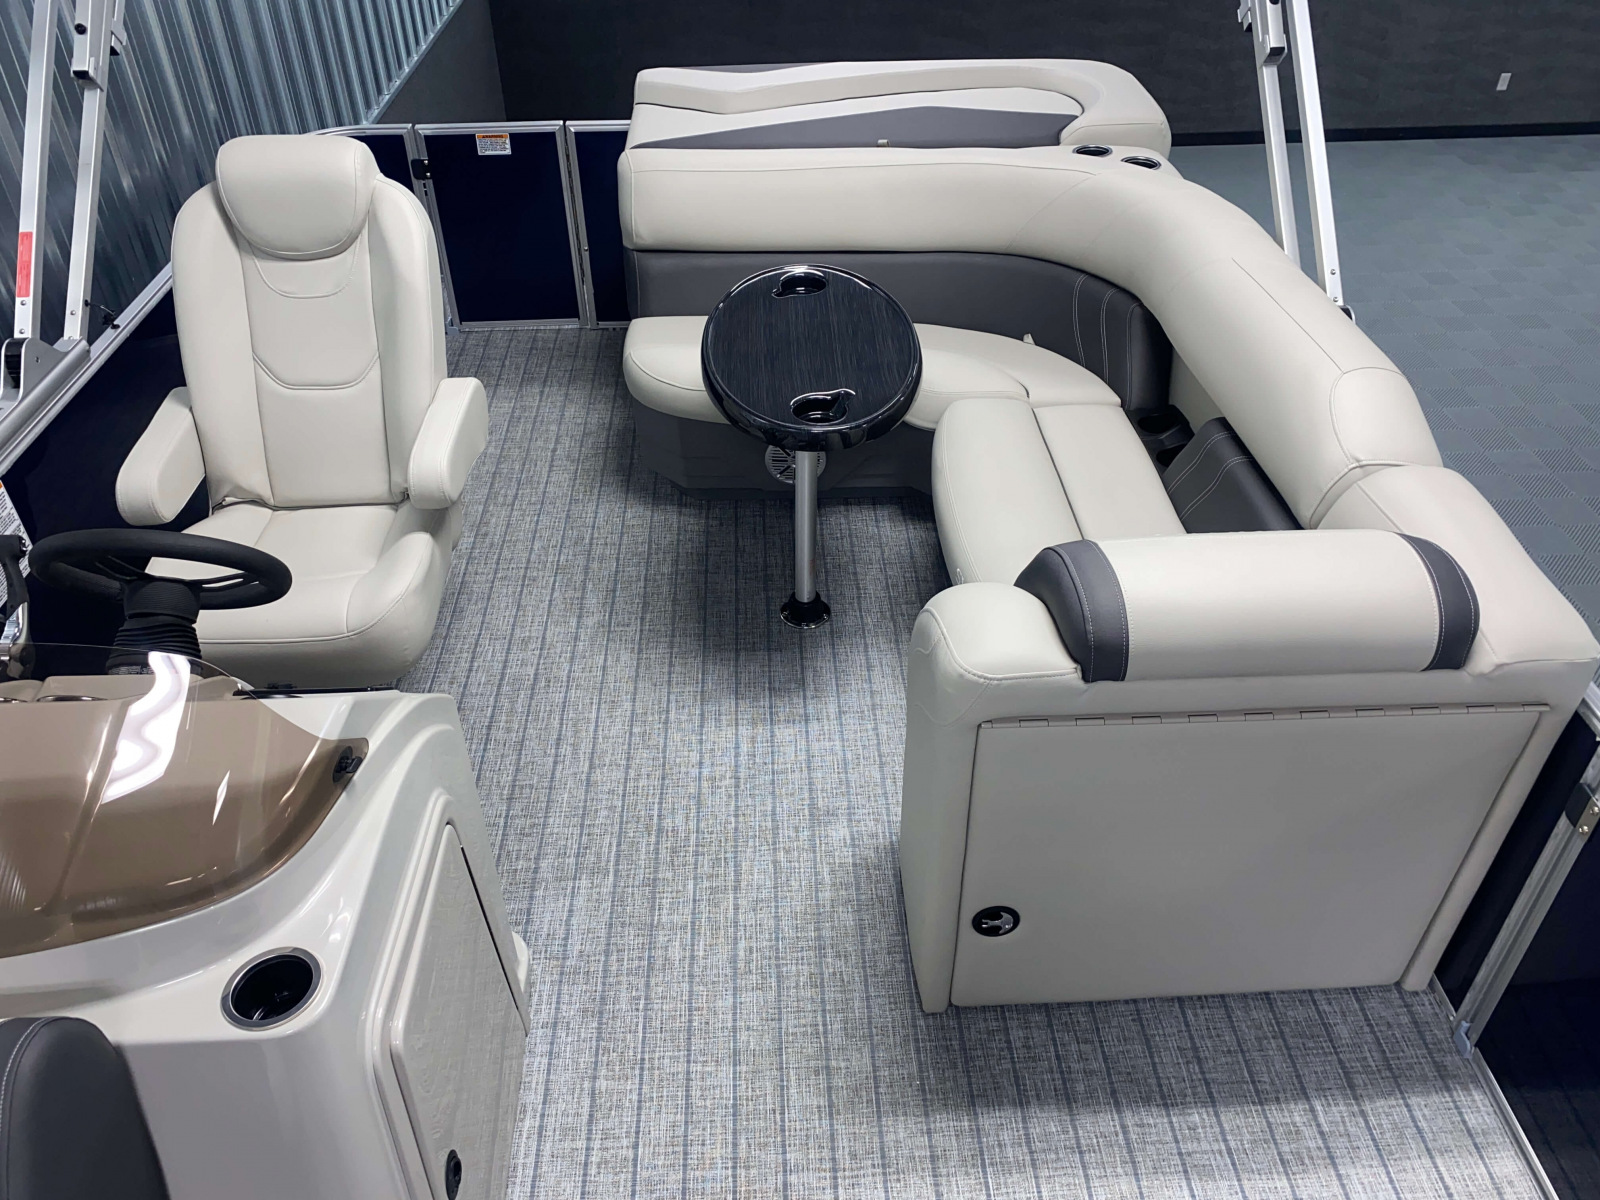 Cruise Style Layout of the 2022 Sylvan Mirage 8520 Cruise Pontoon Boat